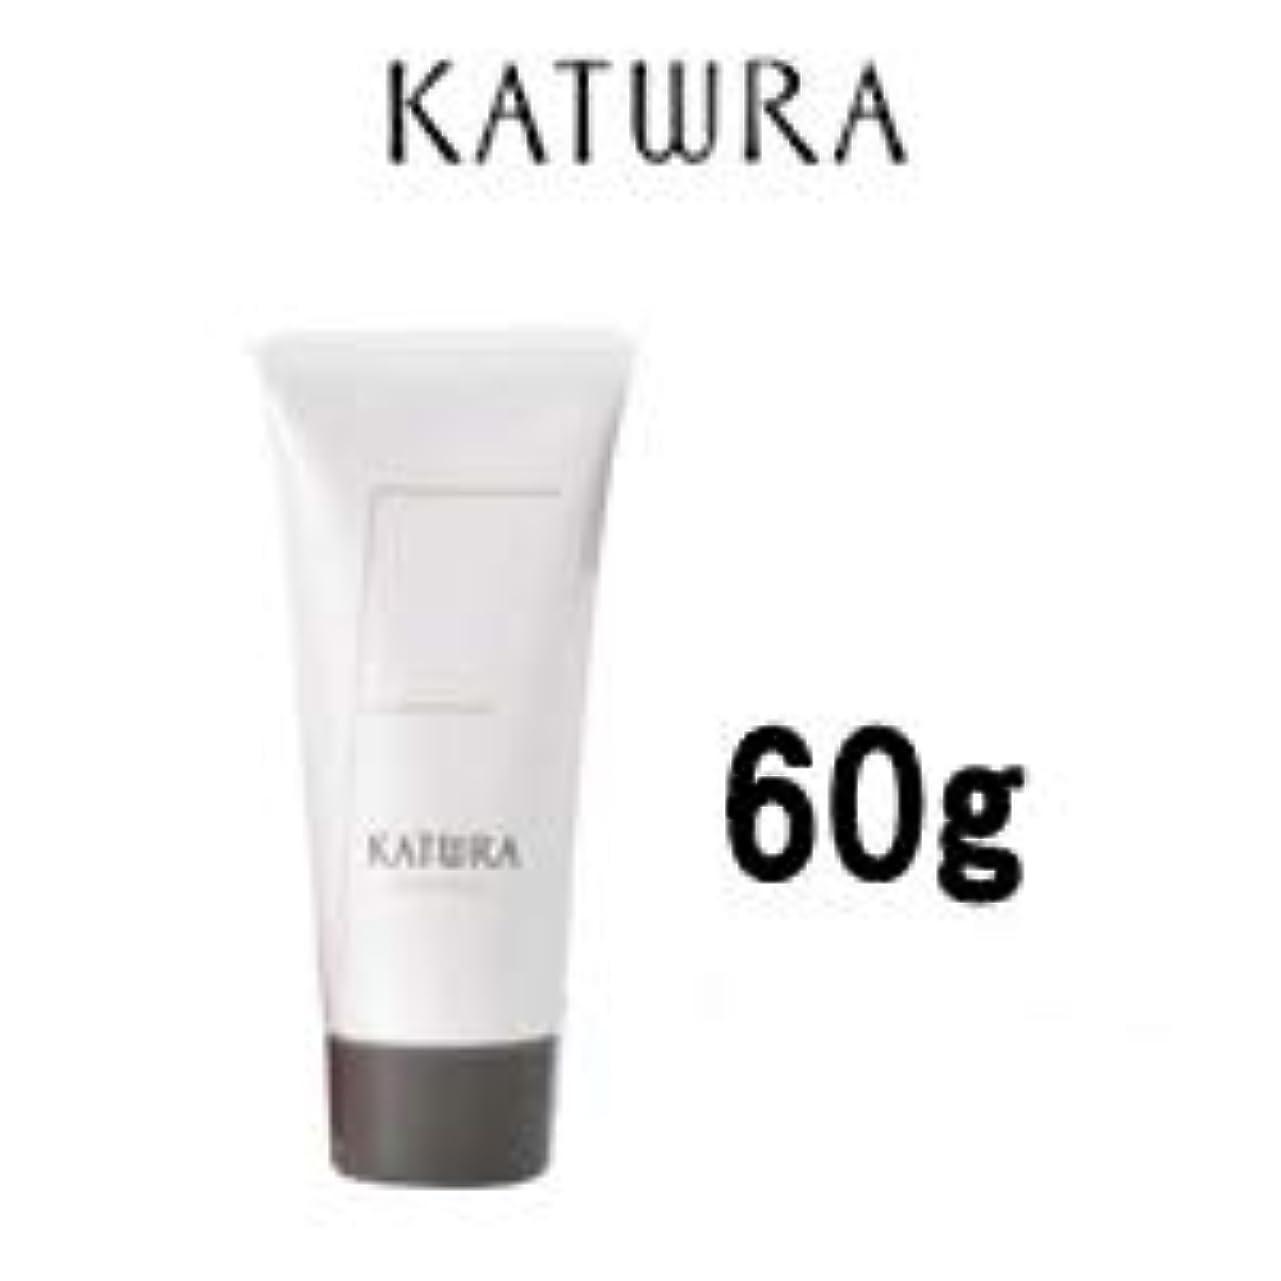 性別彼静めるカツウラ化粧品 フローテA 60g